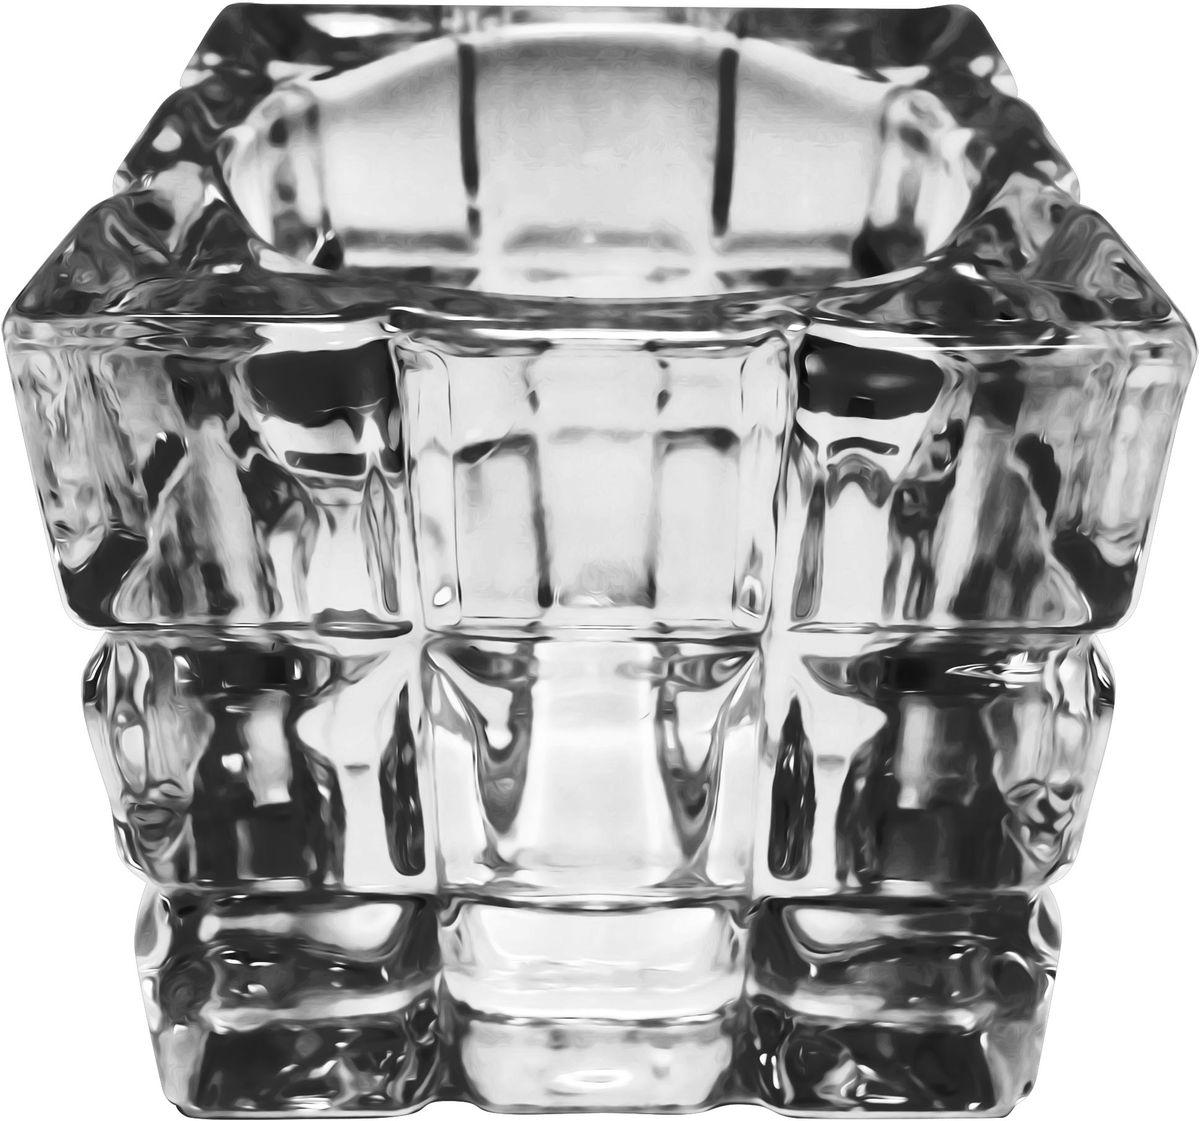 Подсвечник для чайной свечи Bolsius, 6,5 х 6,5 см466189Подсвечник Bolsius, выполненный из стекла, станет отличным украшением интерьера. Мерцание свечи в таком подсвечнике создаст атмосферу романтики и уюта. Благодаря изысканному дизайну, изделие сможет стать отличным подарком для ваших друзей и близких.